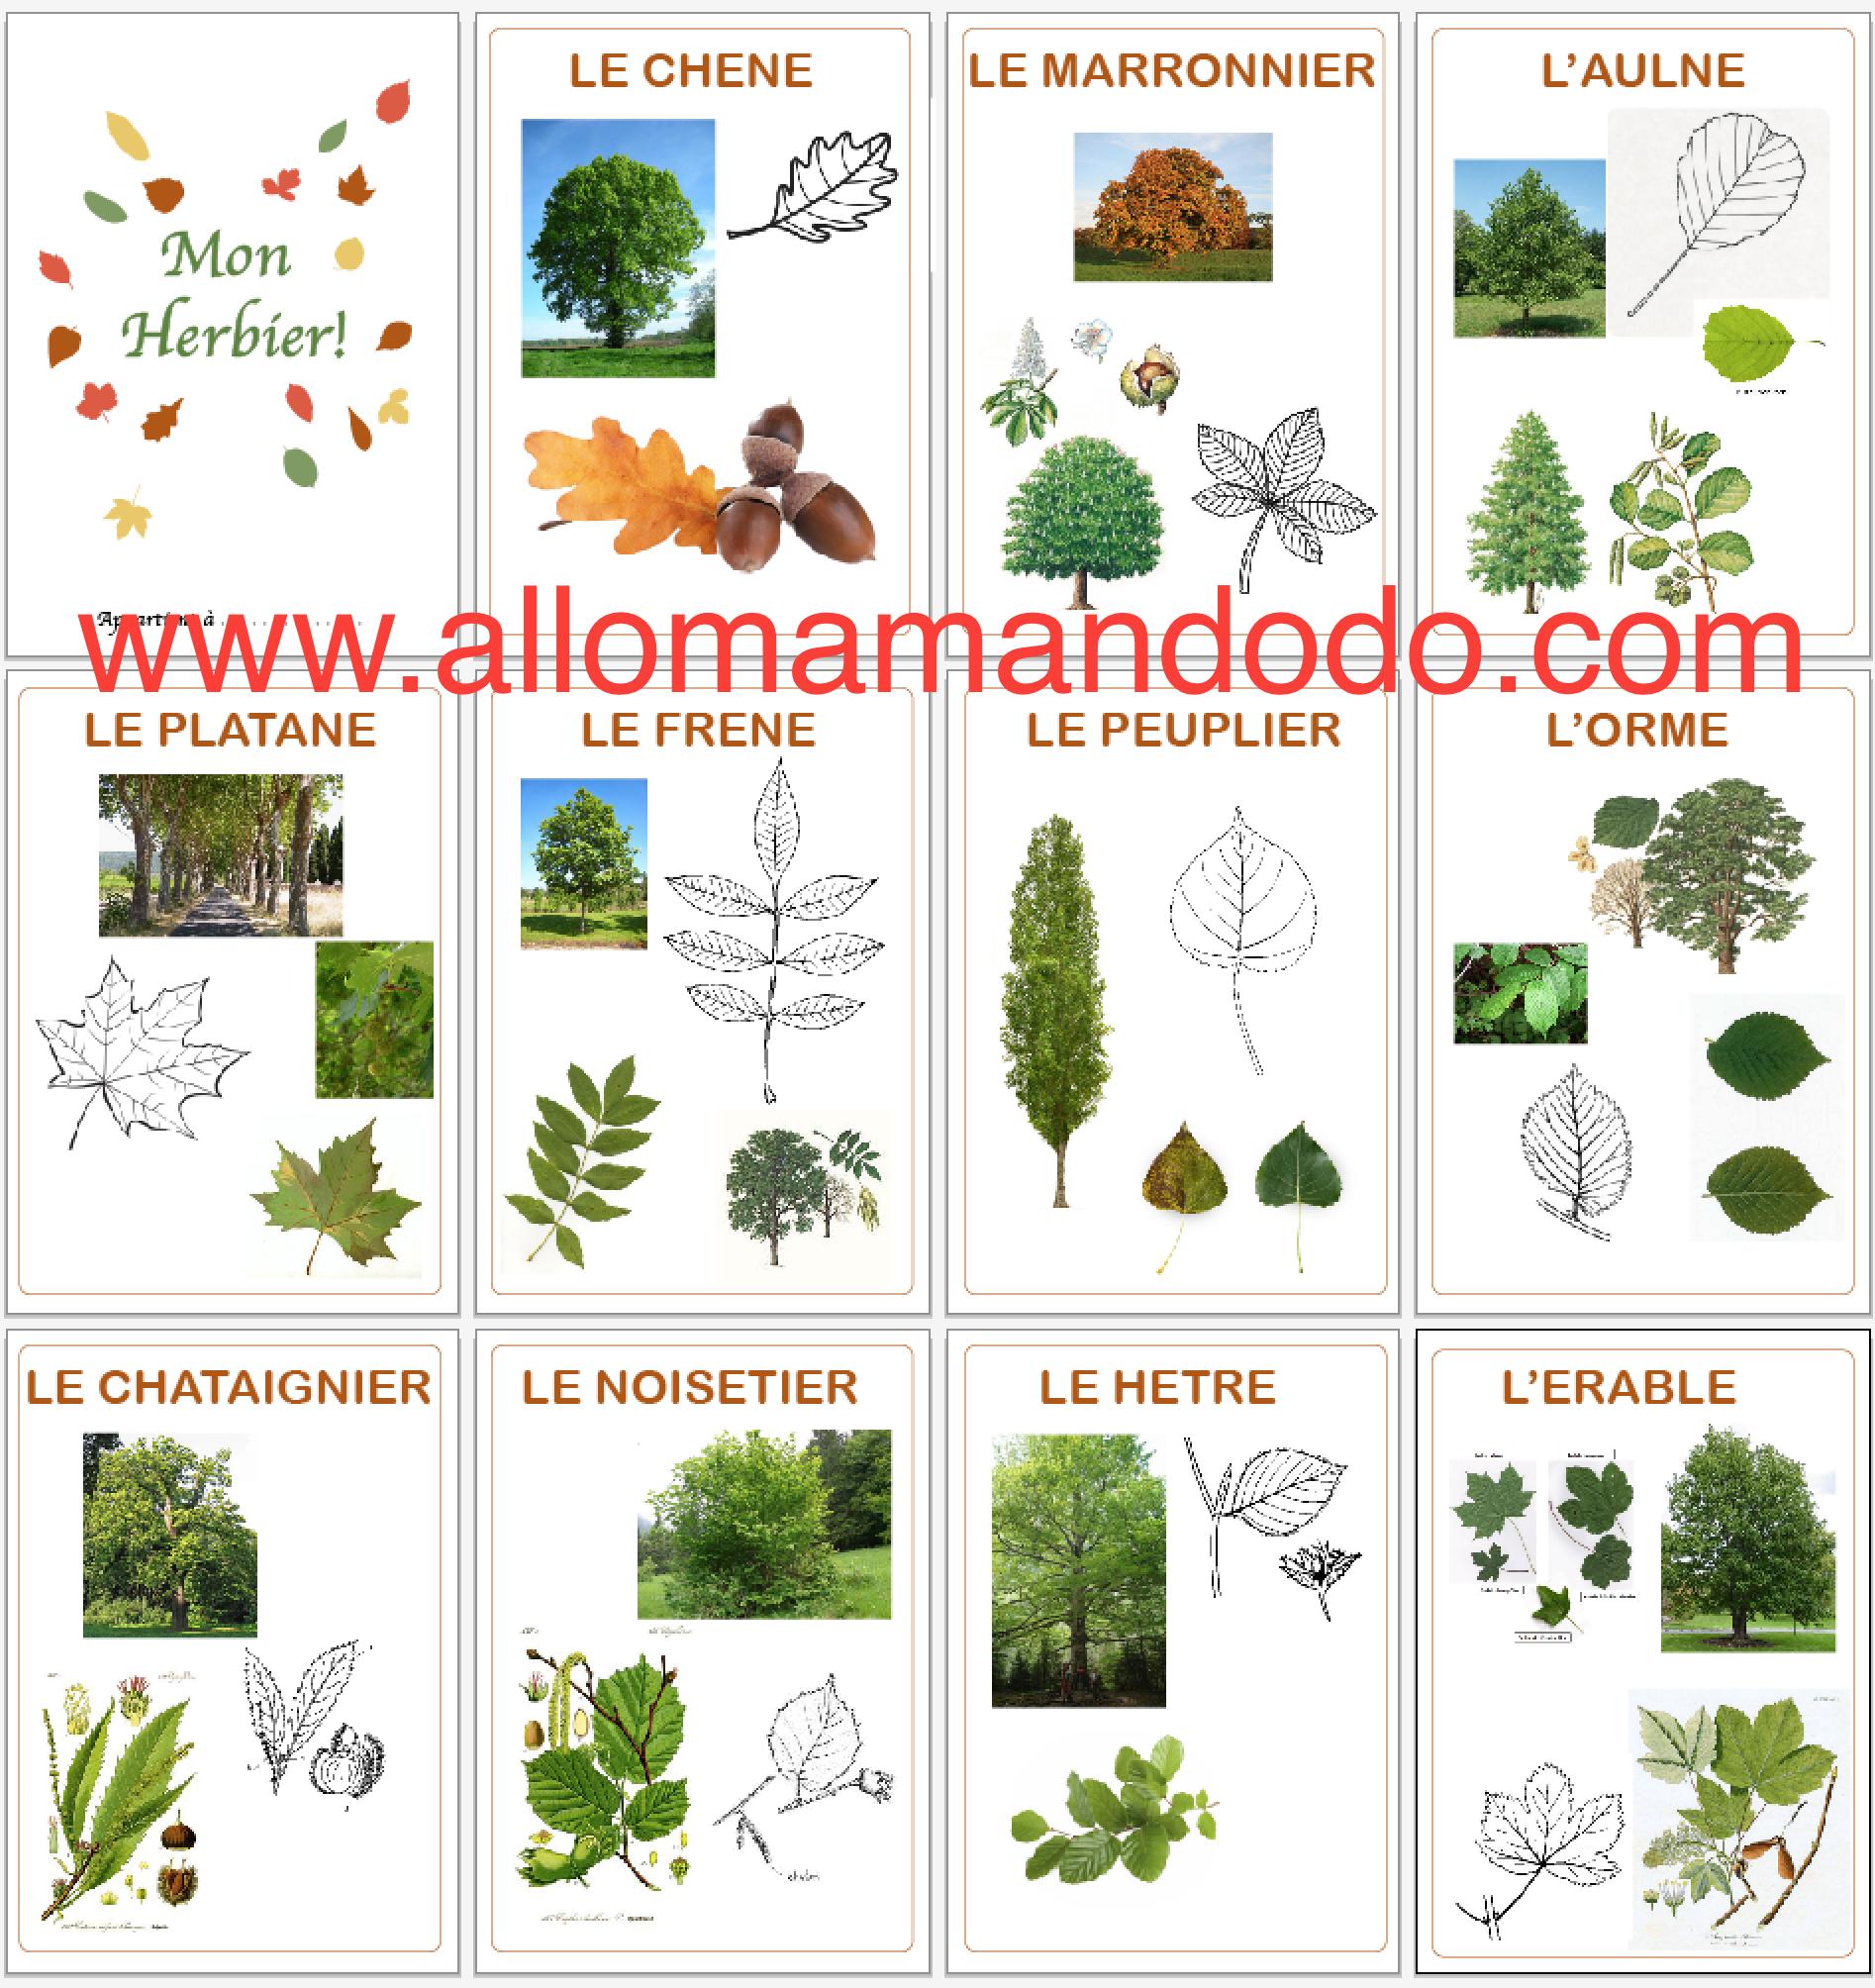 diy vive la for t fabrique ton herbier activit carnet d 39 automne automne pinterest. Black Bedroom Furniture Sets. Home Design Ideas